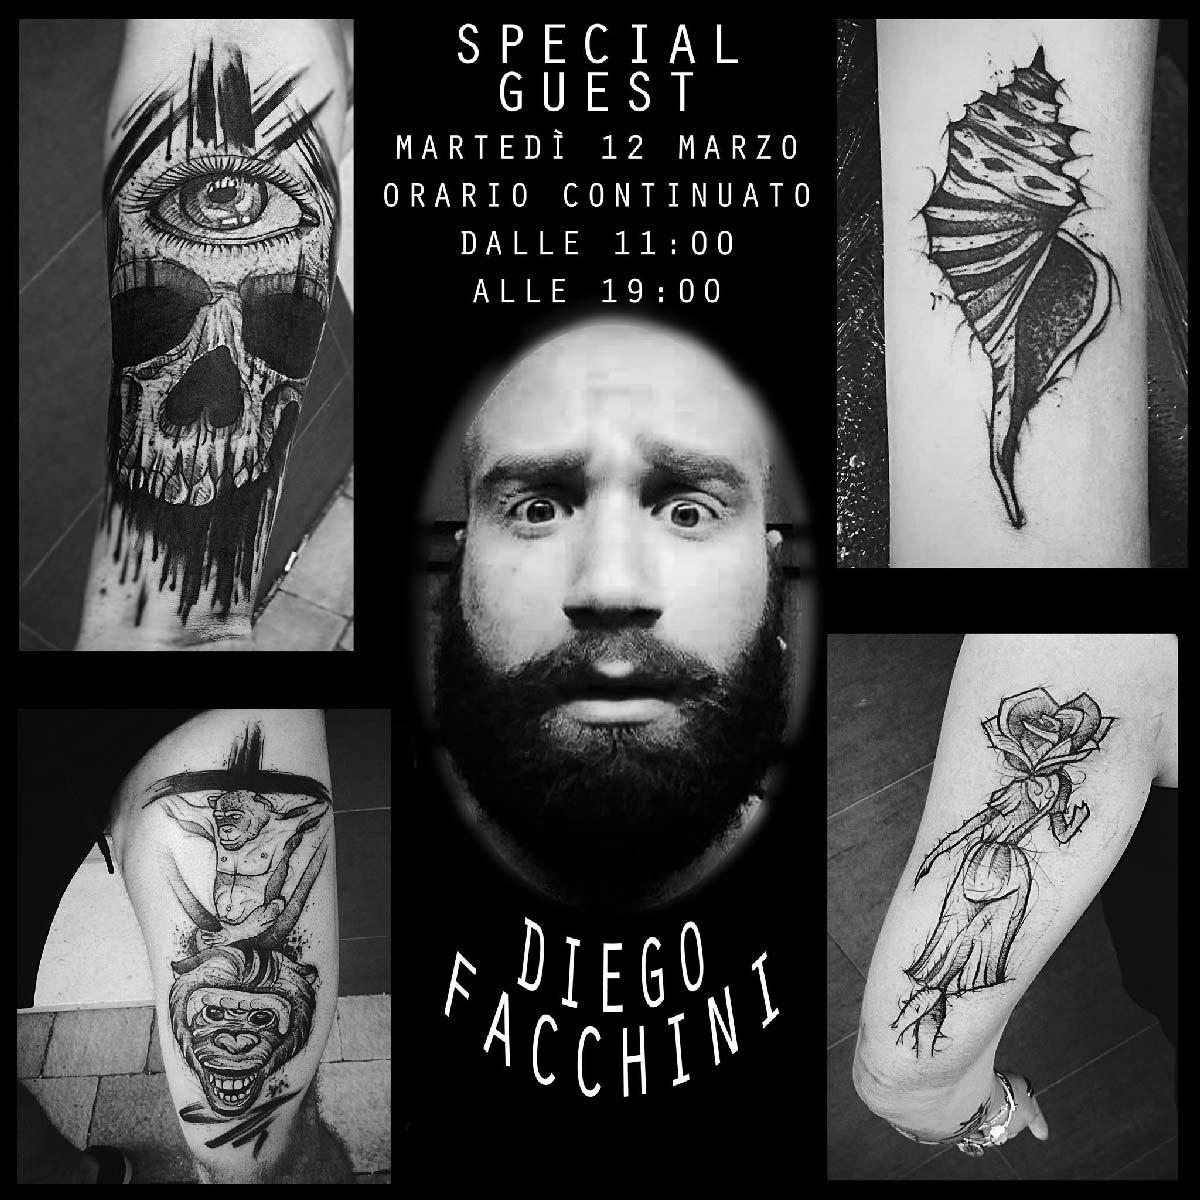 Diego Facchini Tattooer | Special Guest| Inside Tattoo Shop di Donna Mayla | Alba Adriatica | Tatuaggi | Piercing